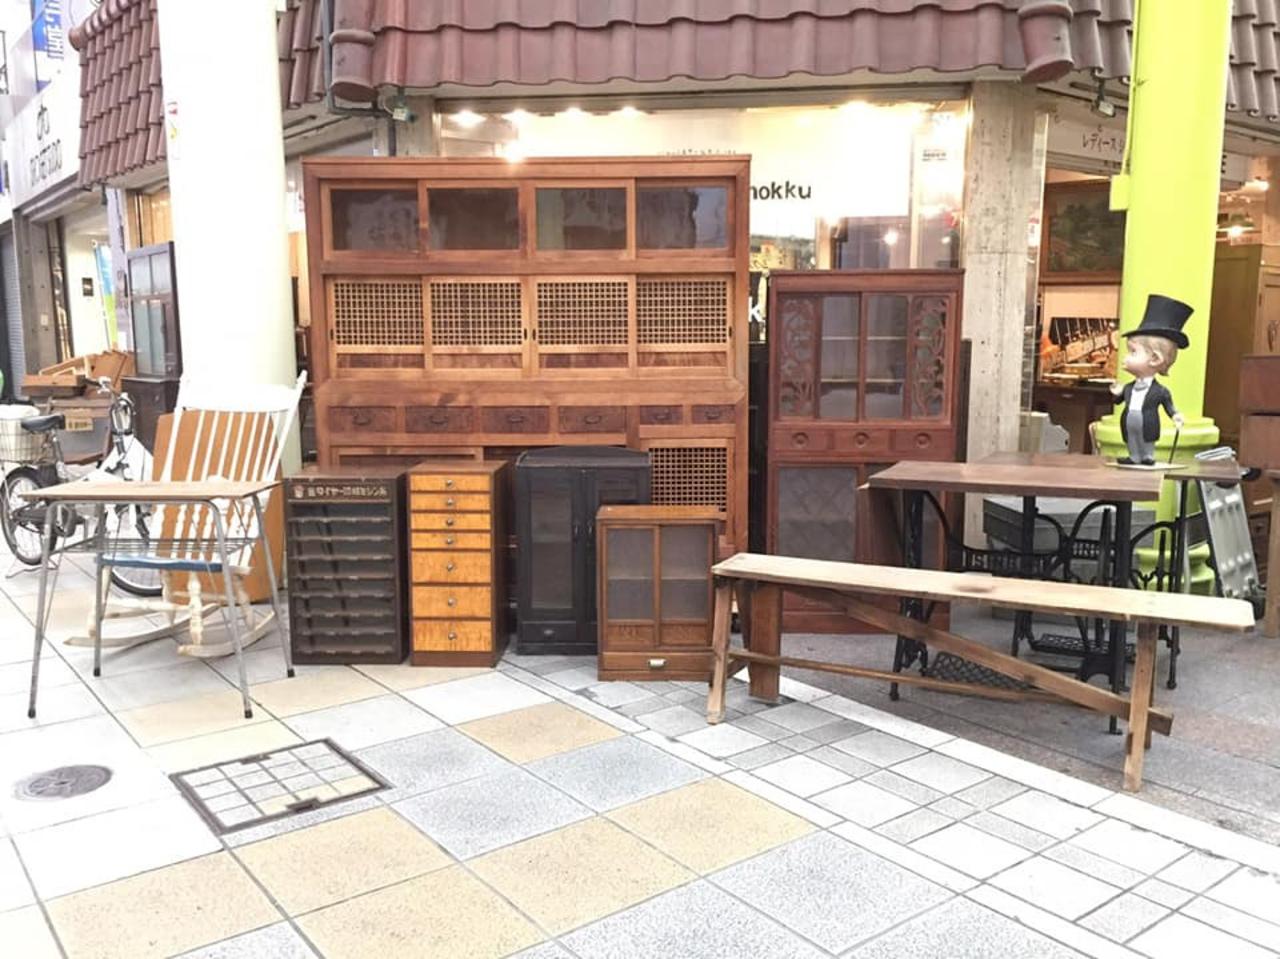 【 古道具mokkumokku 】家具・食器・生活雑貨販売(岐阜県岐阜市)